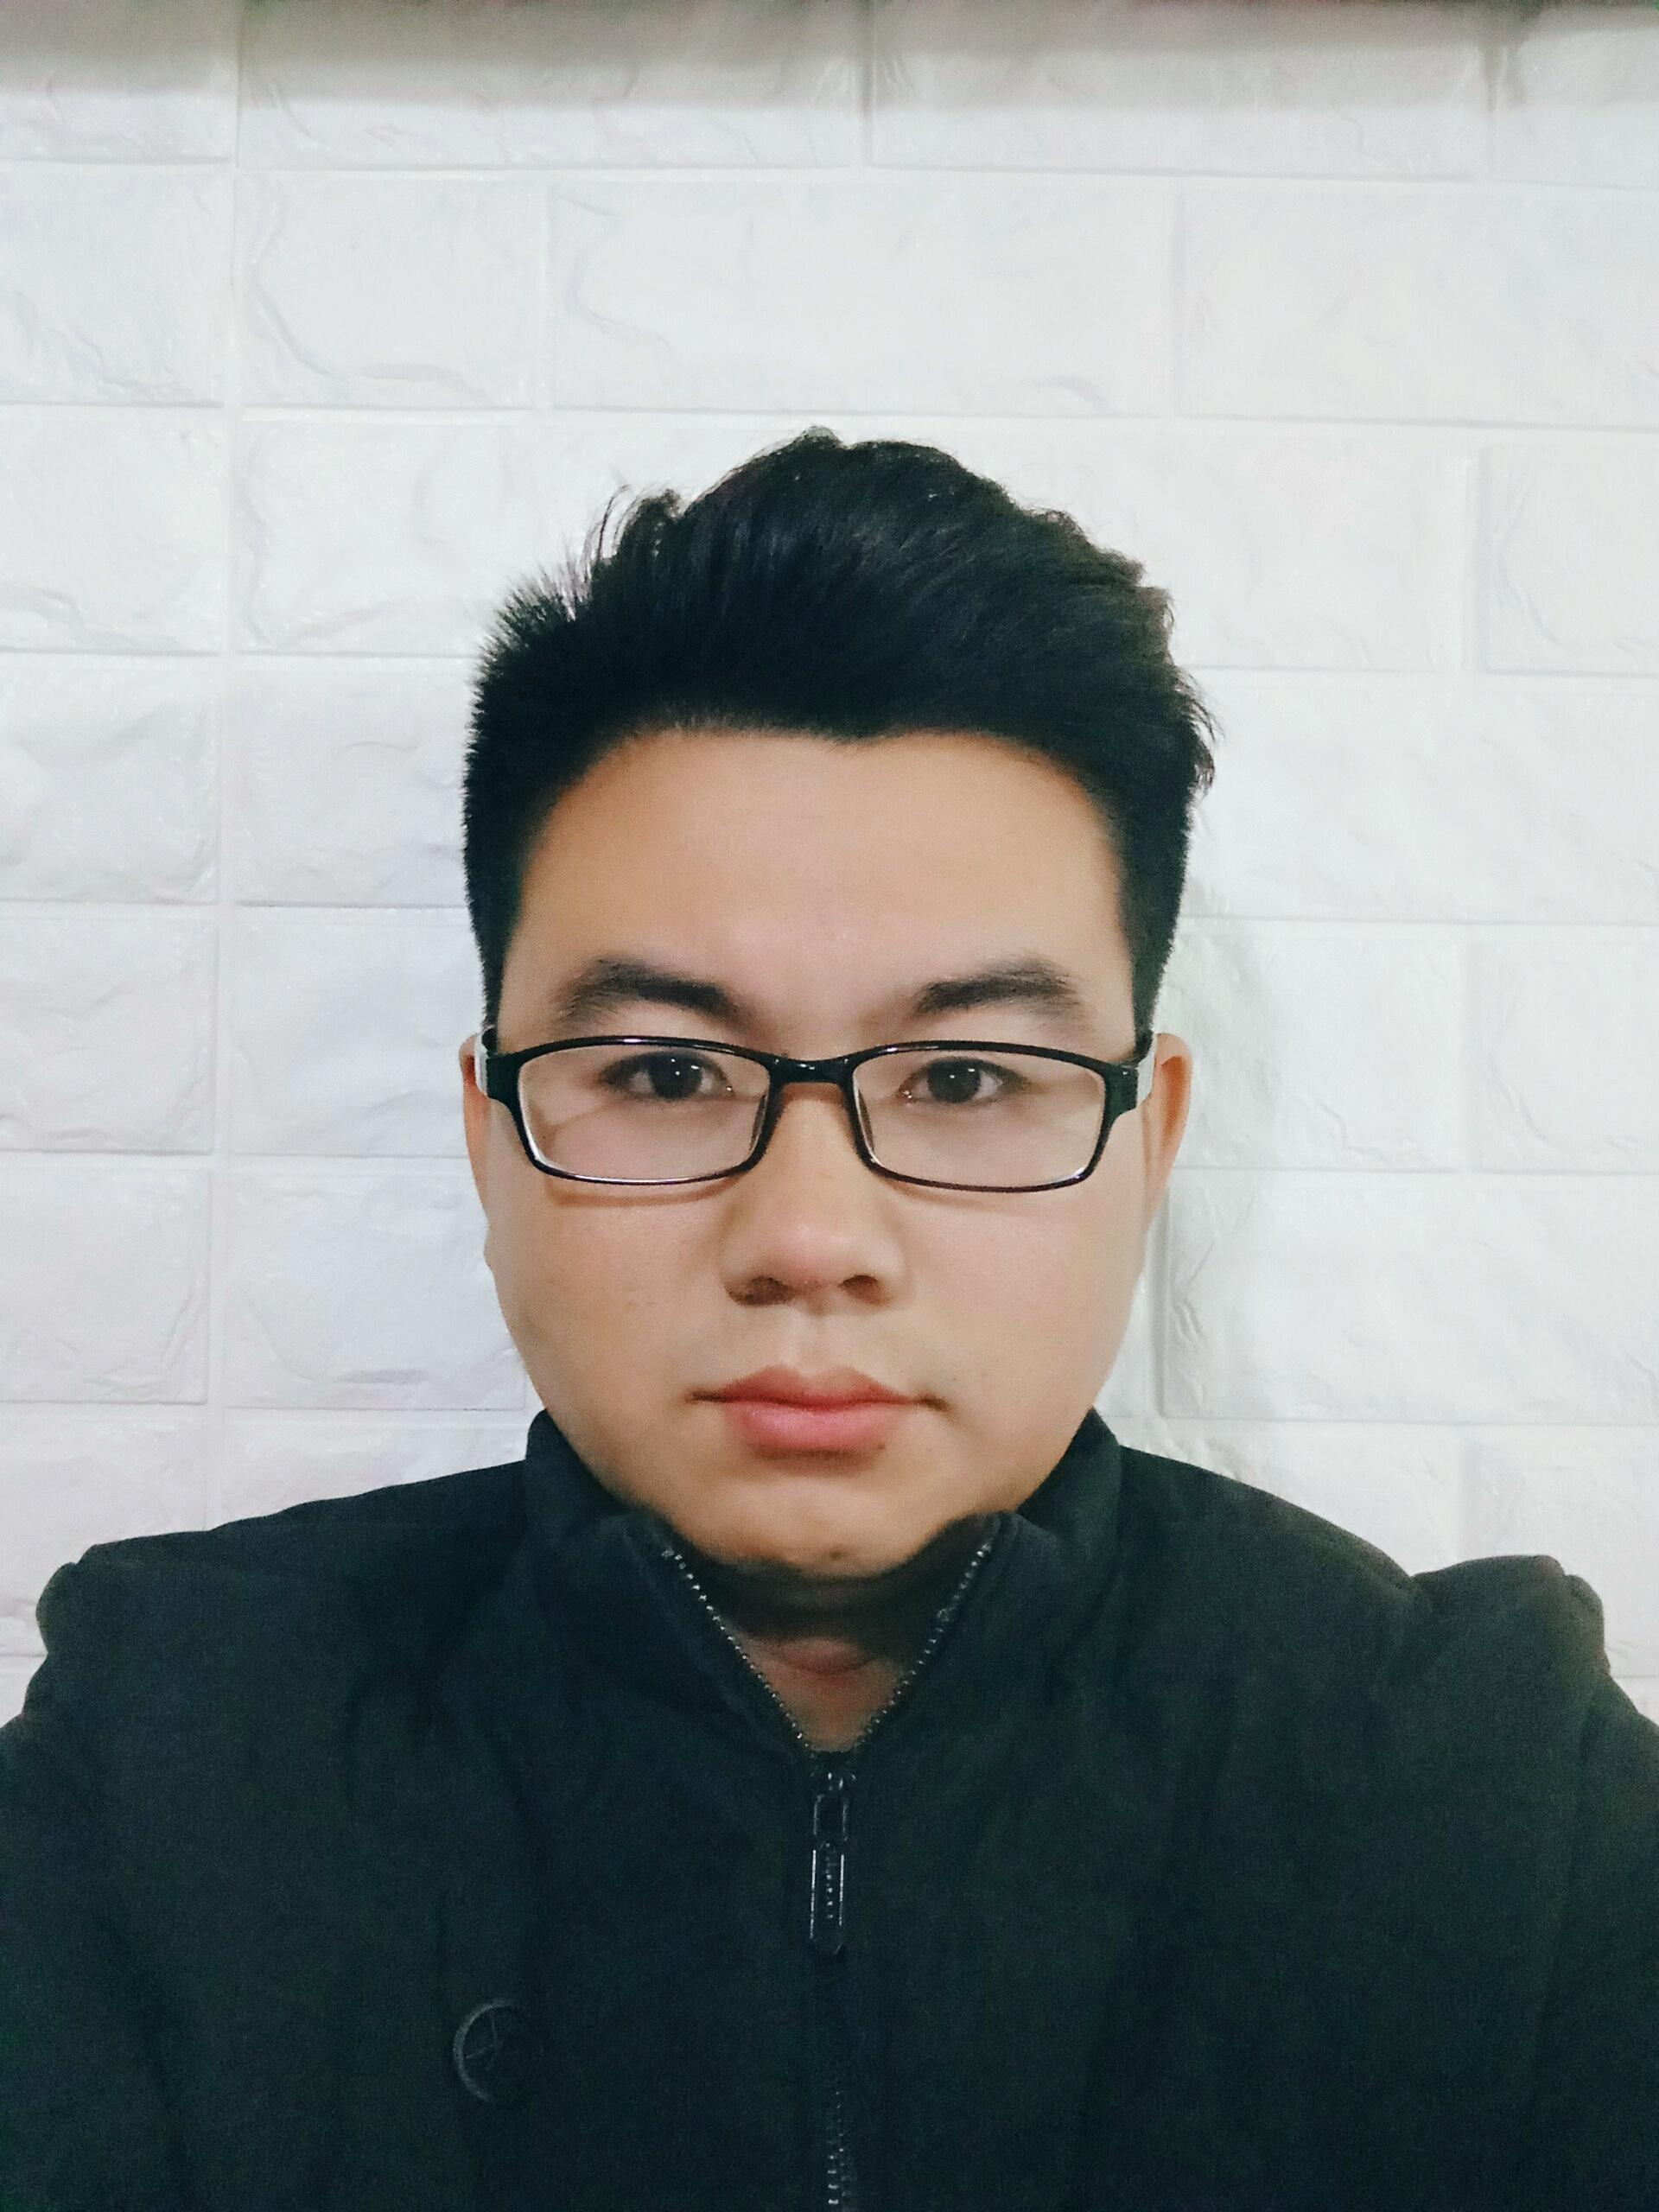 苏州家教刘教员